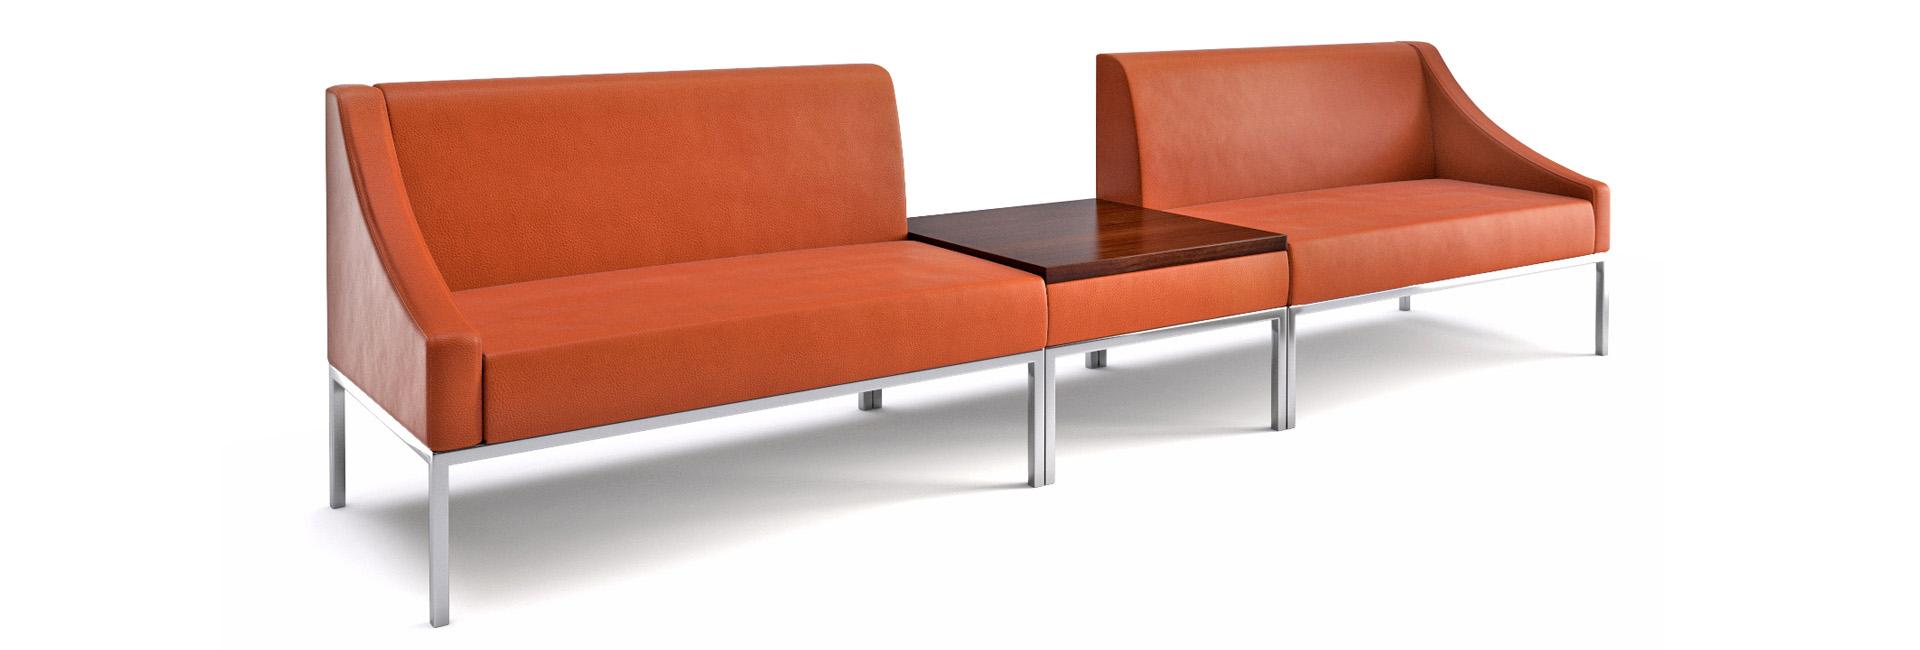 Sofa Seating You'll Appreciate